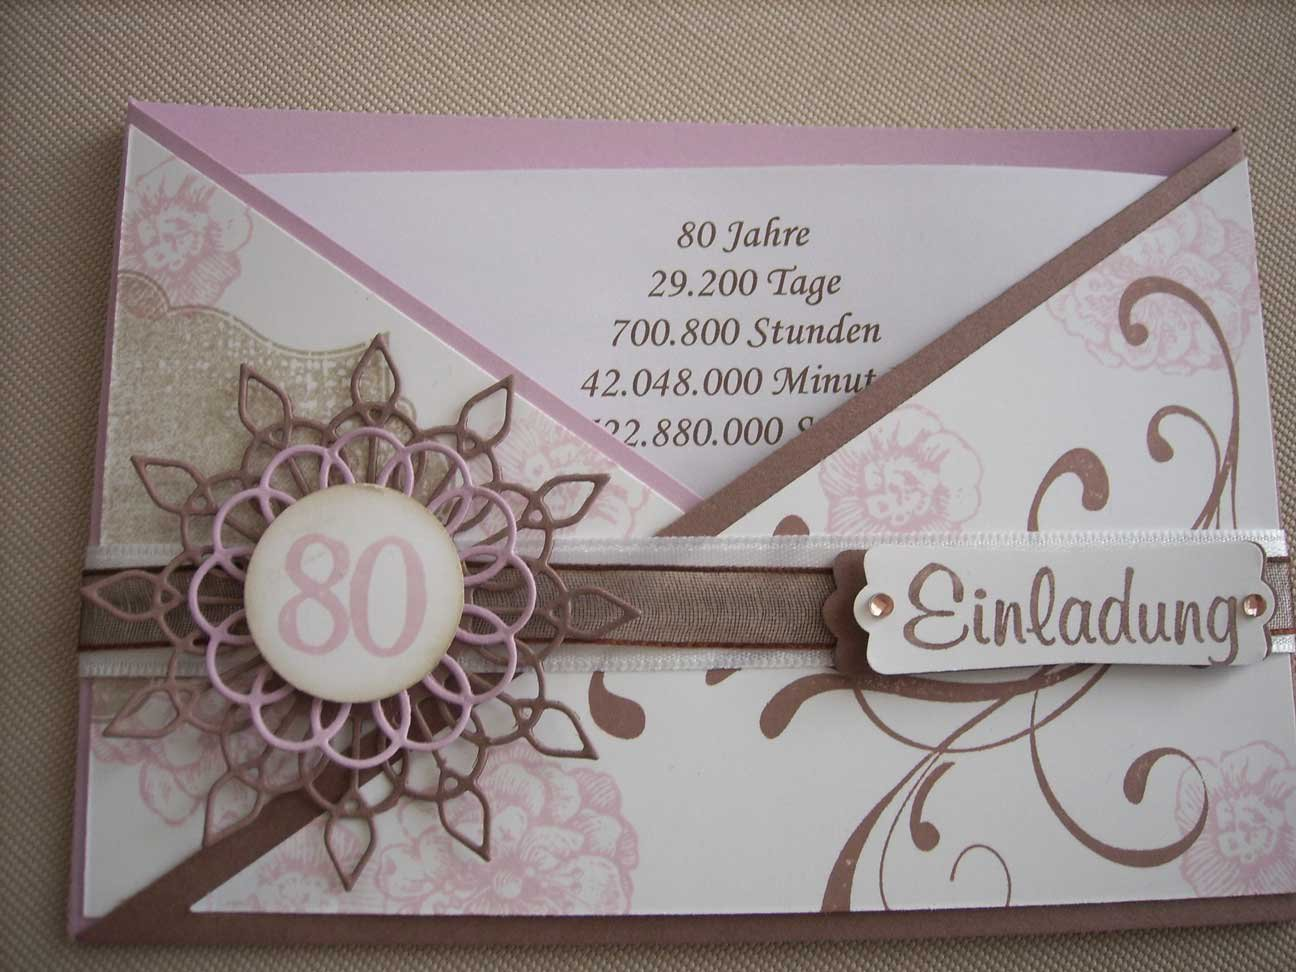 einladung 80 geburtstag einladung 80 geburtstag textvorlage geburstag einladungskarten. Black Bedroom Furniture Sets. Home Design Ideas